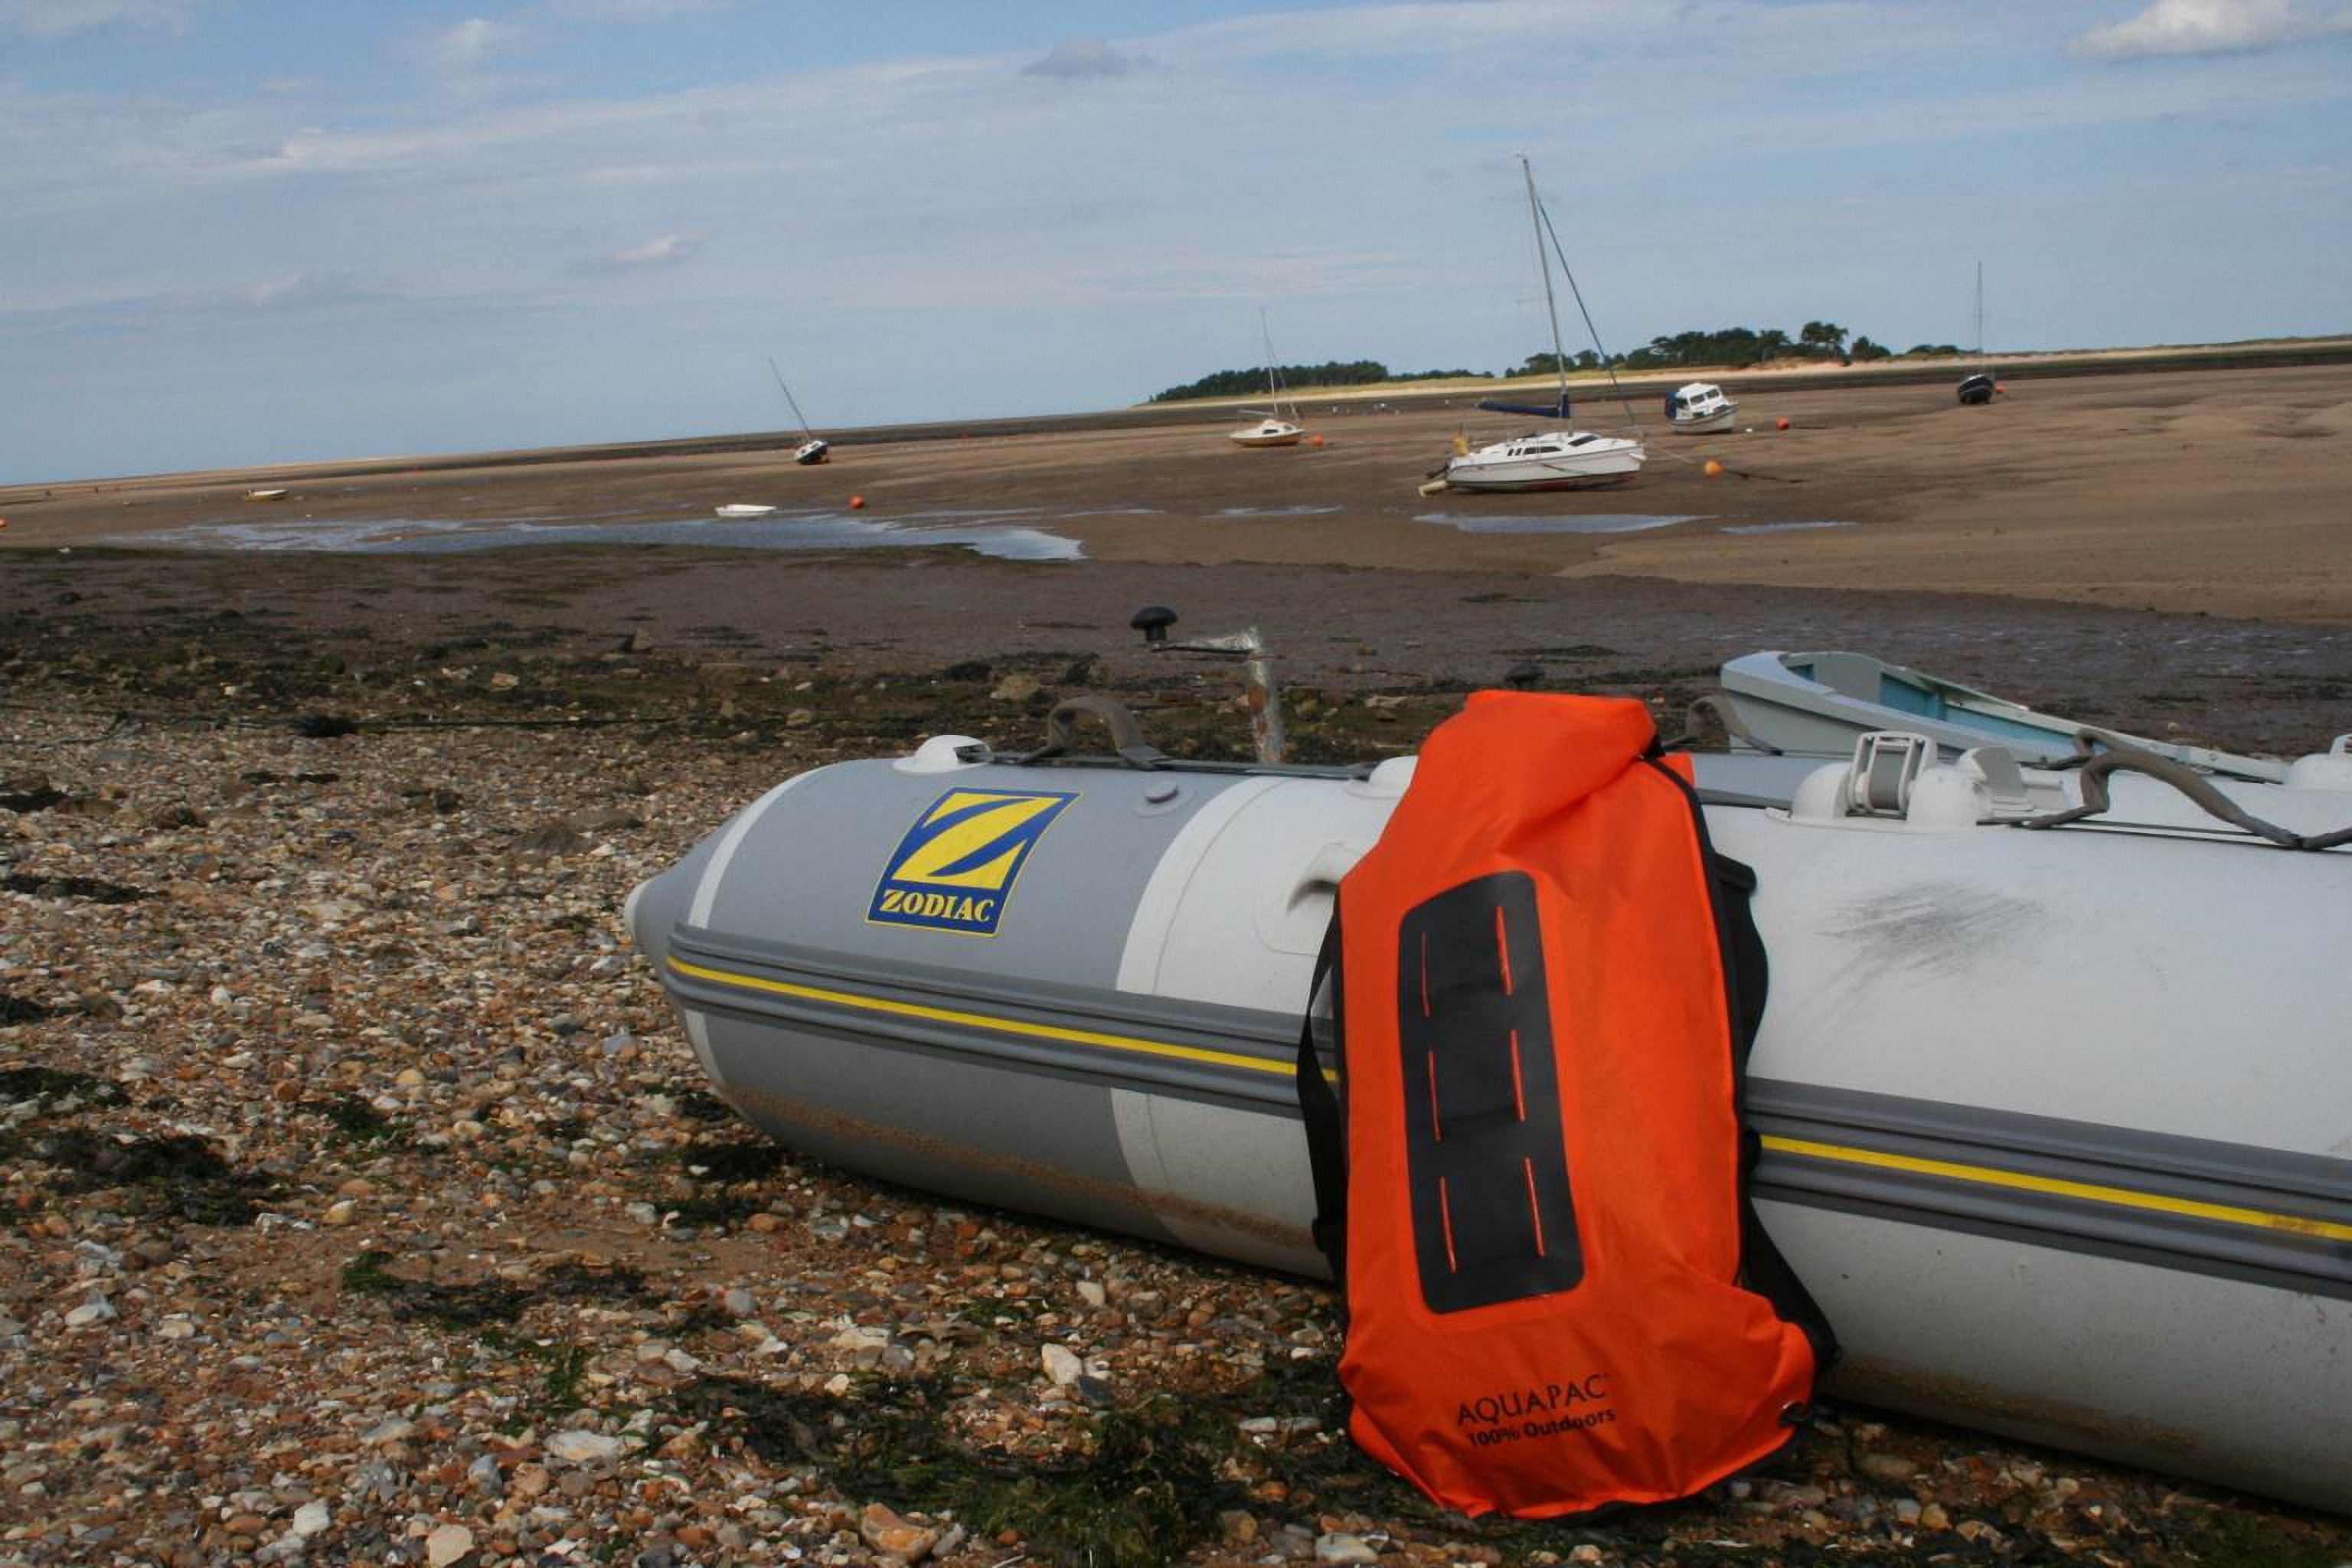 Водонепроницаемый  гермомешок-рюкзак (с двумя плечевыми ремнями) Aquapac 760 - Noatak Wet & Drybag - 15L.. Aquapac - №1 в мире водонепроницаемых чехлов и сумок. Фото 10